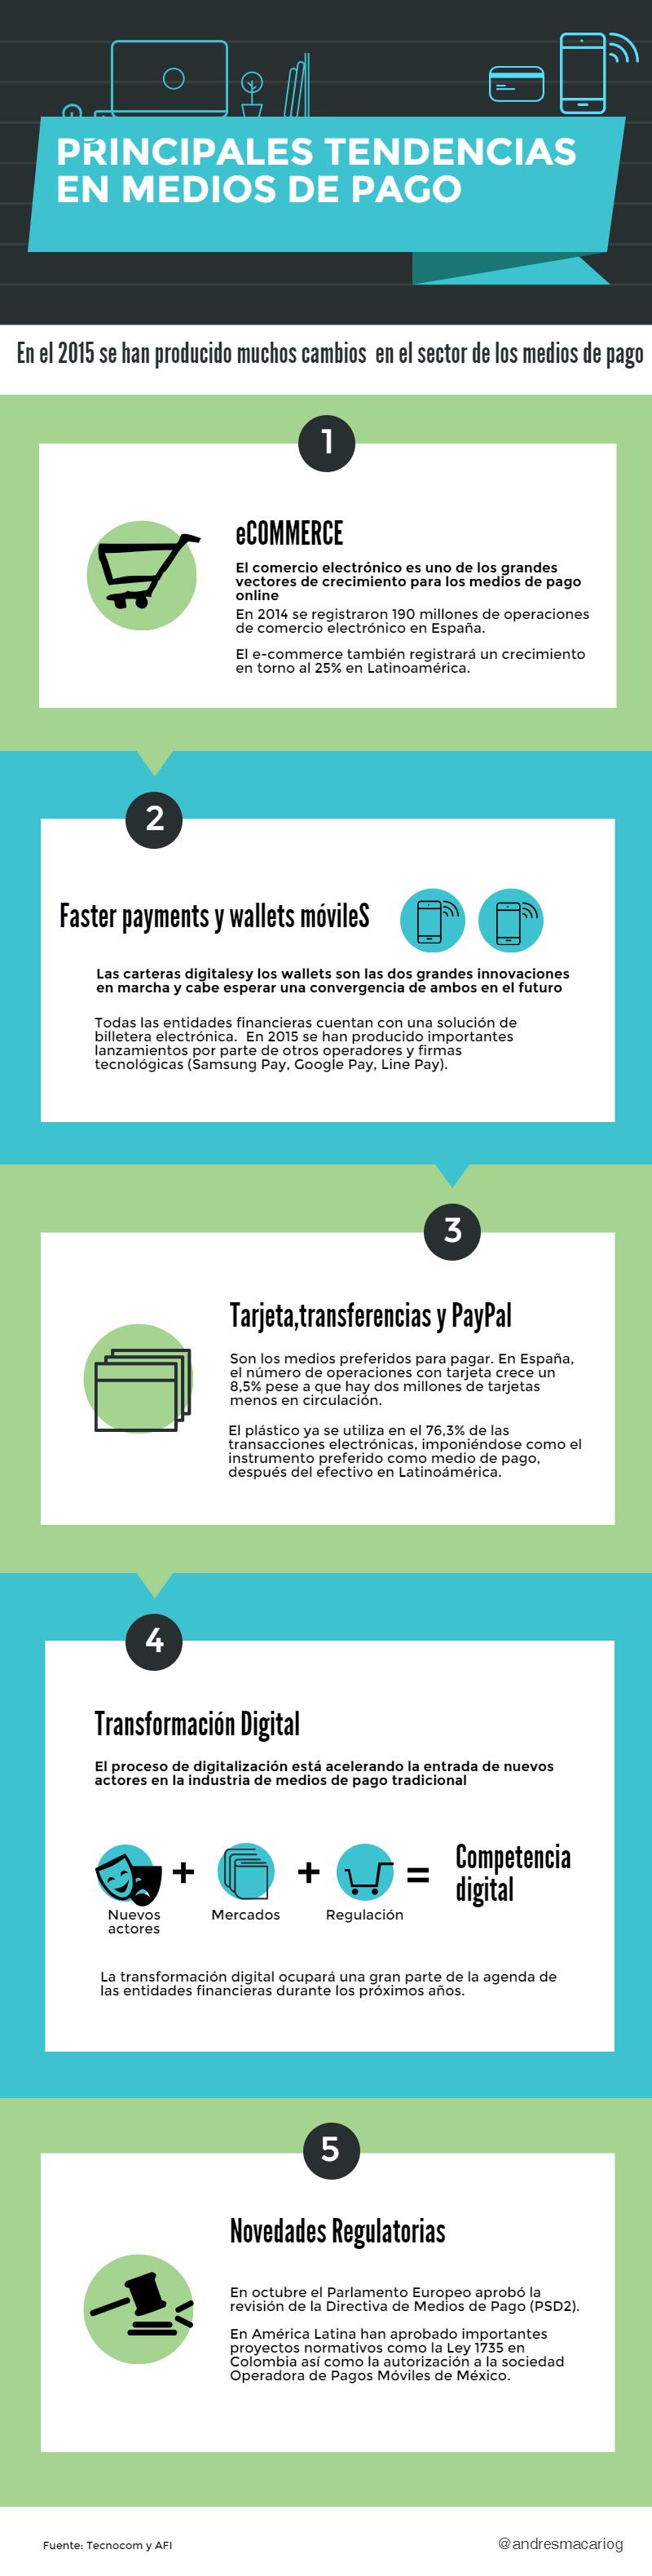 Principales Tendencias en Medios de Pago-Infografia Andres Macario